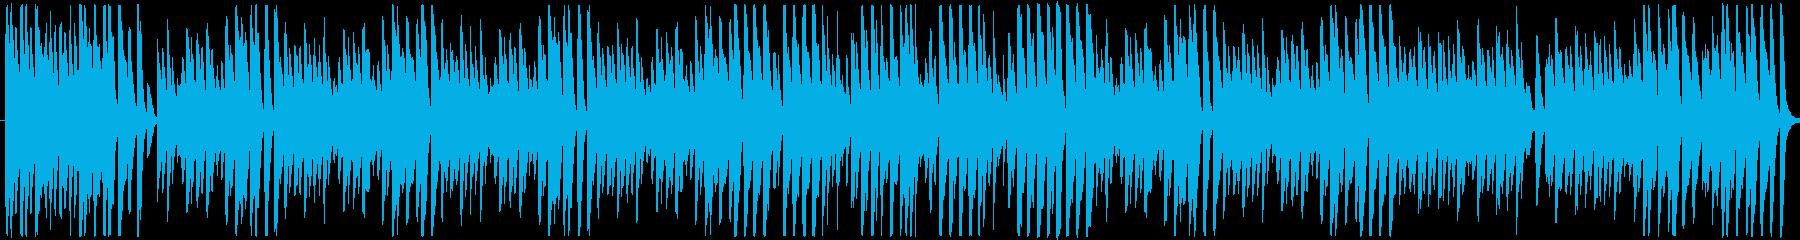 そよ風がそっと吹き抜けるイメージのラグ…の再生済みの波形